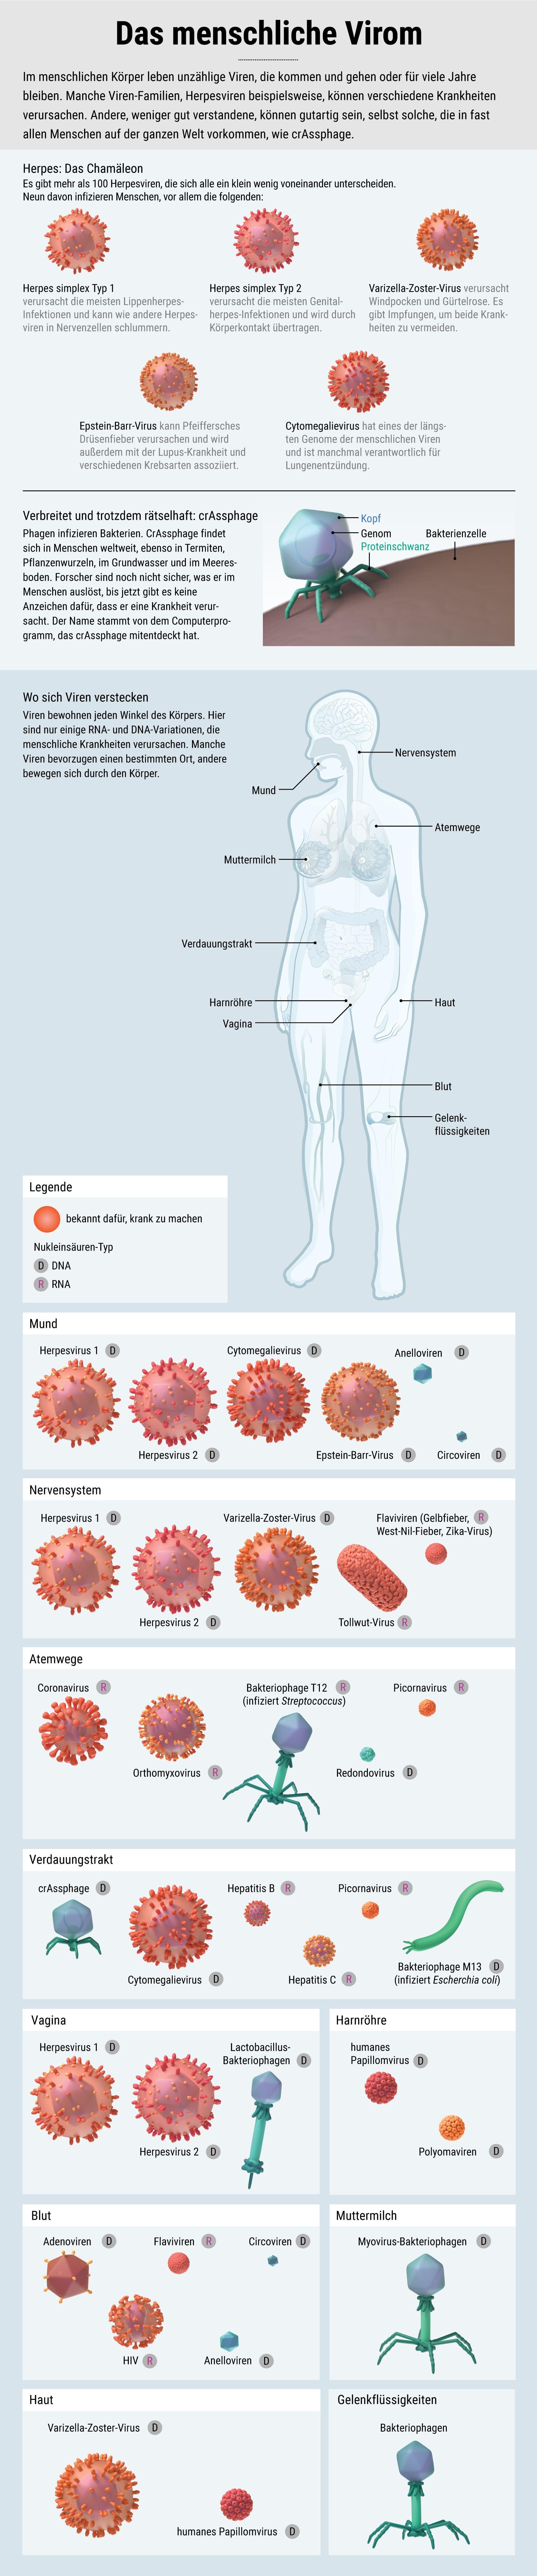 Das menschliche Virom